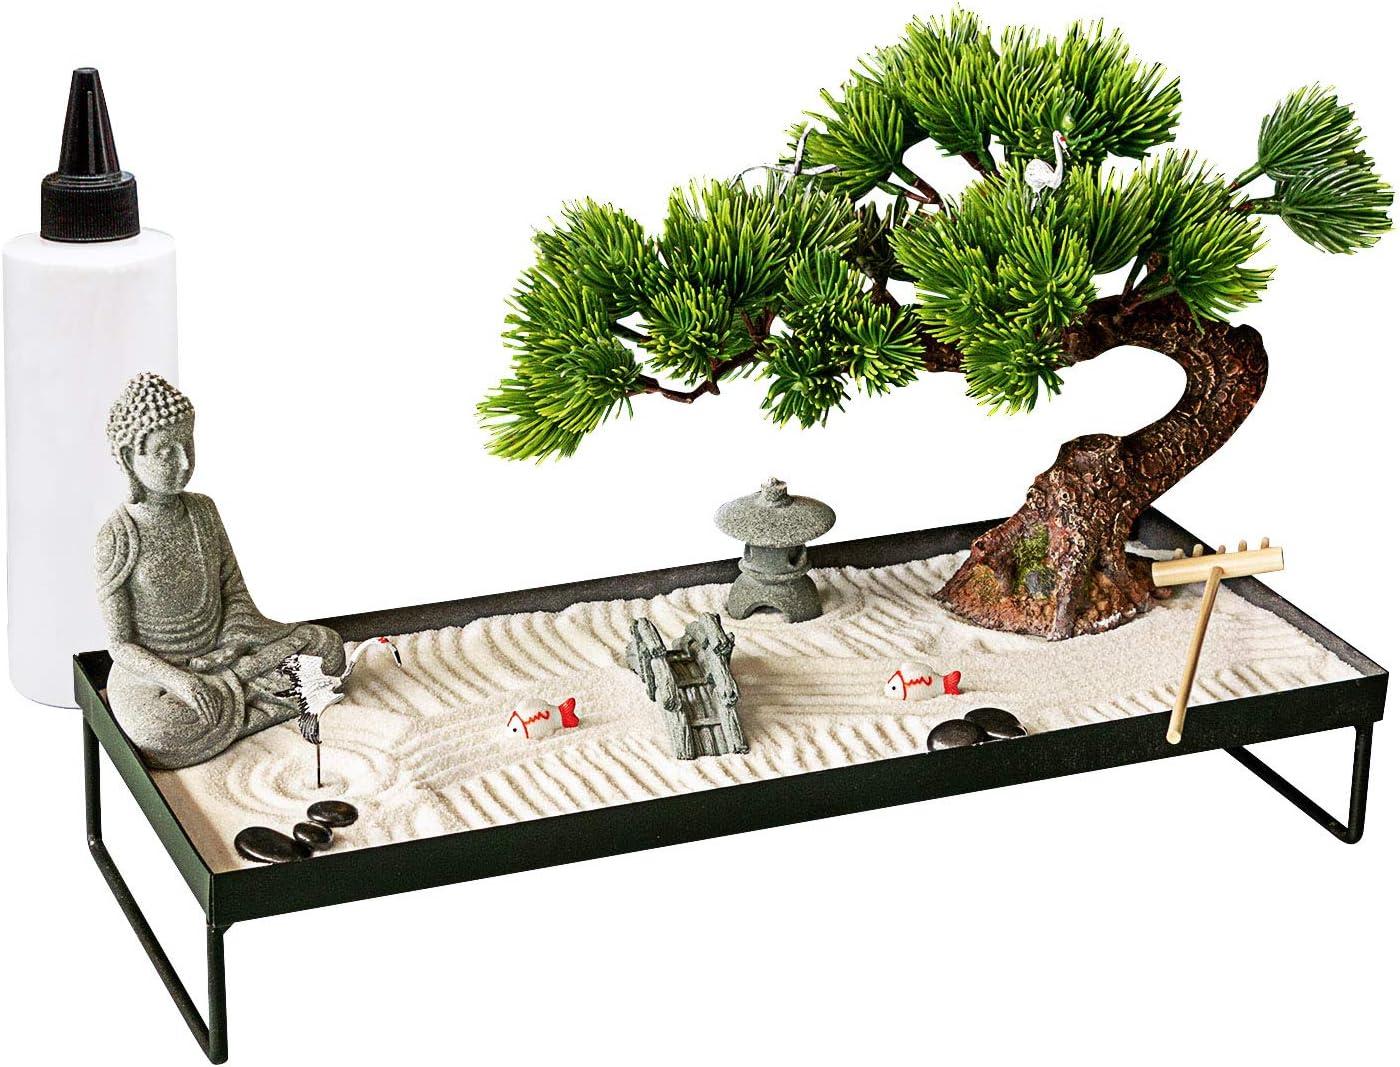 Meditation Decoration Japanese Zen Garden – Home Office Bonsai Zen Garden Decor Zen Gifts for Women Man Friends – Tabletop Buddha Rock Sand Zen Garden for Table Desk